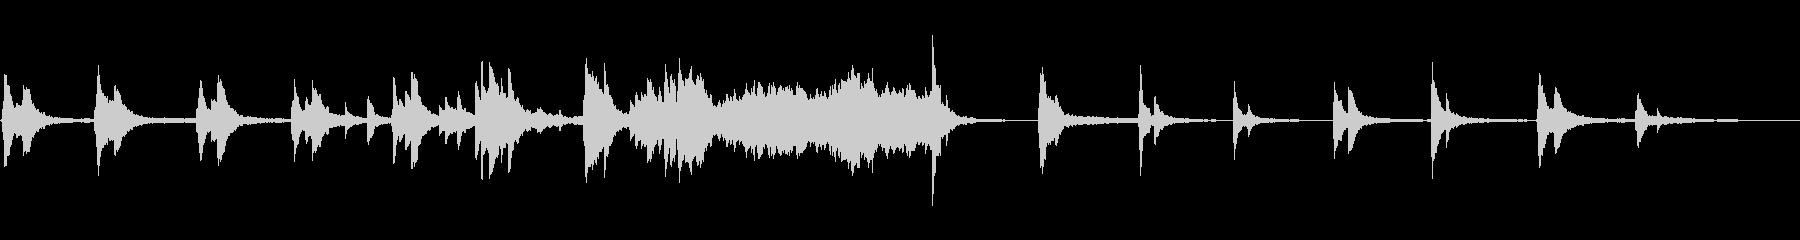 ソフトなピアノのアンビエントの未再生の波形